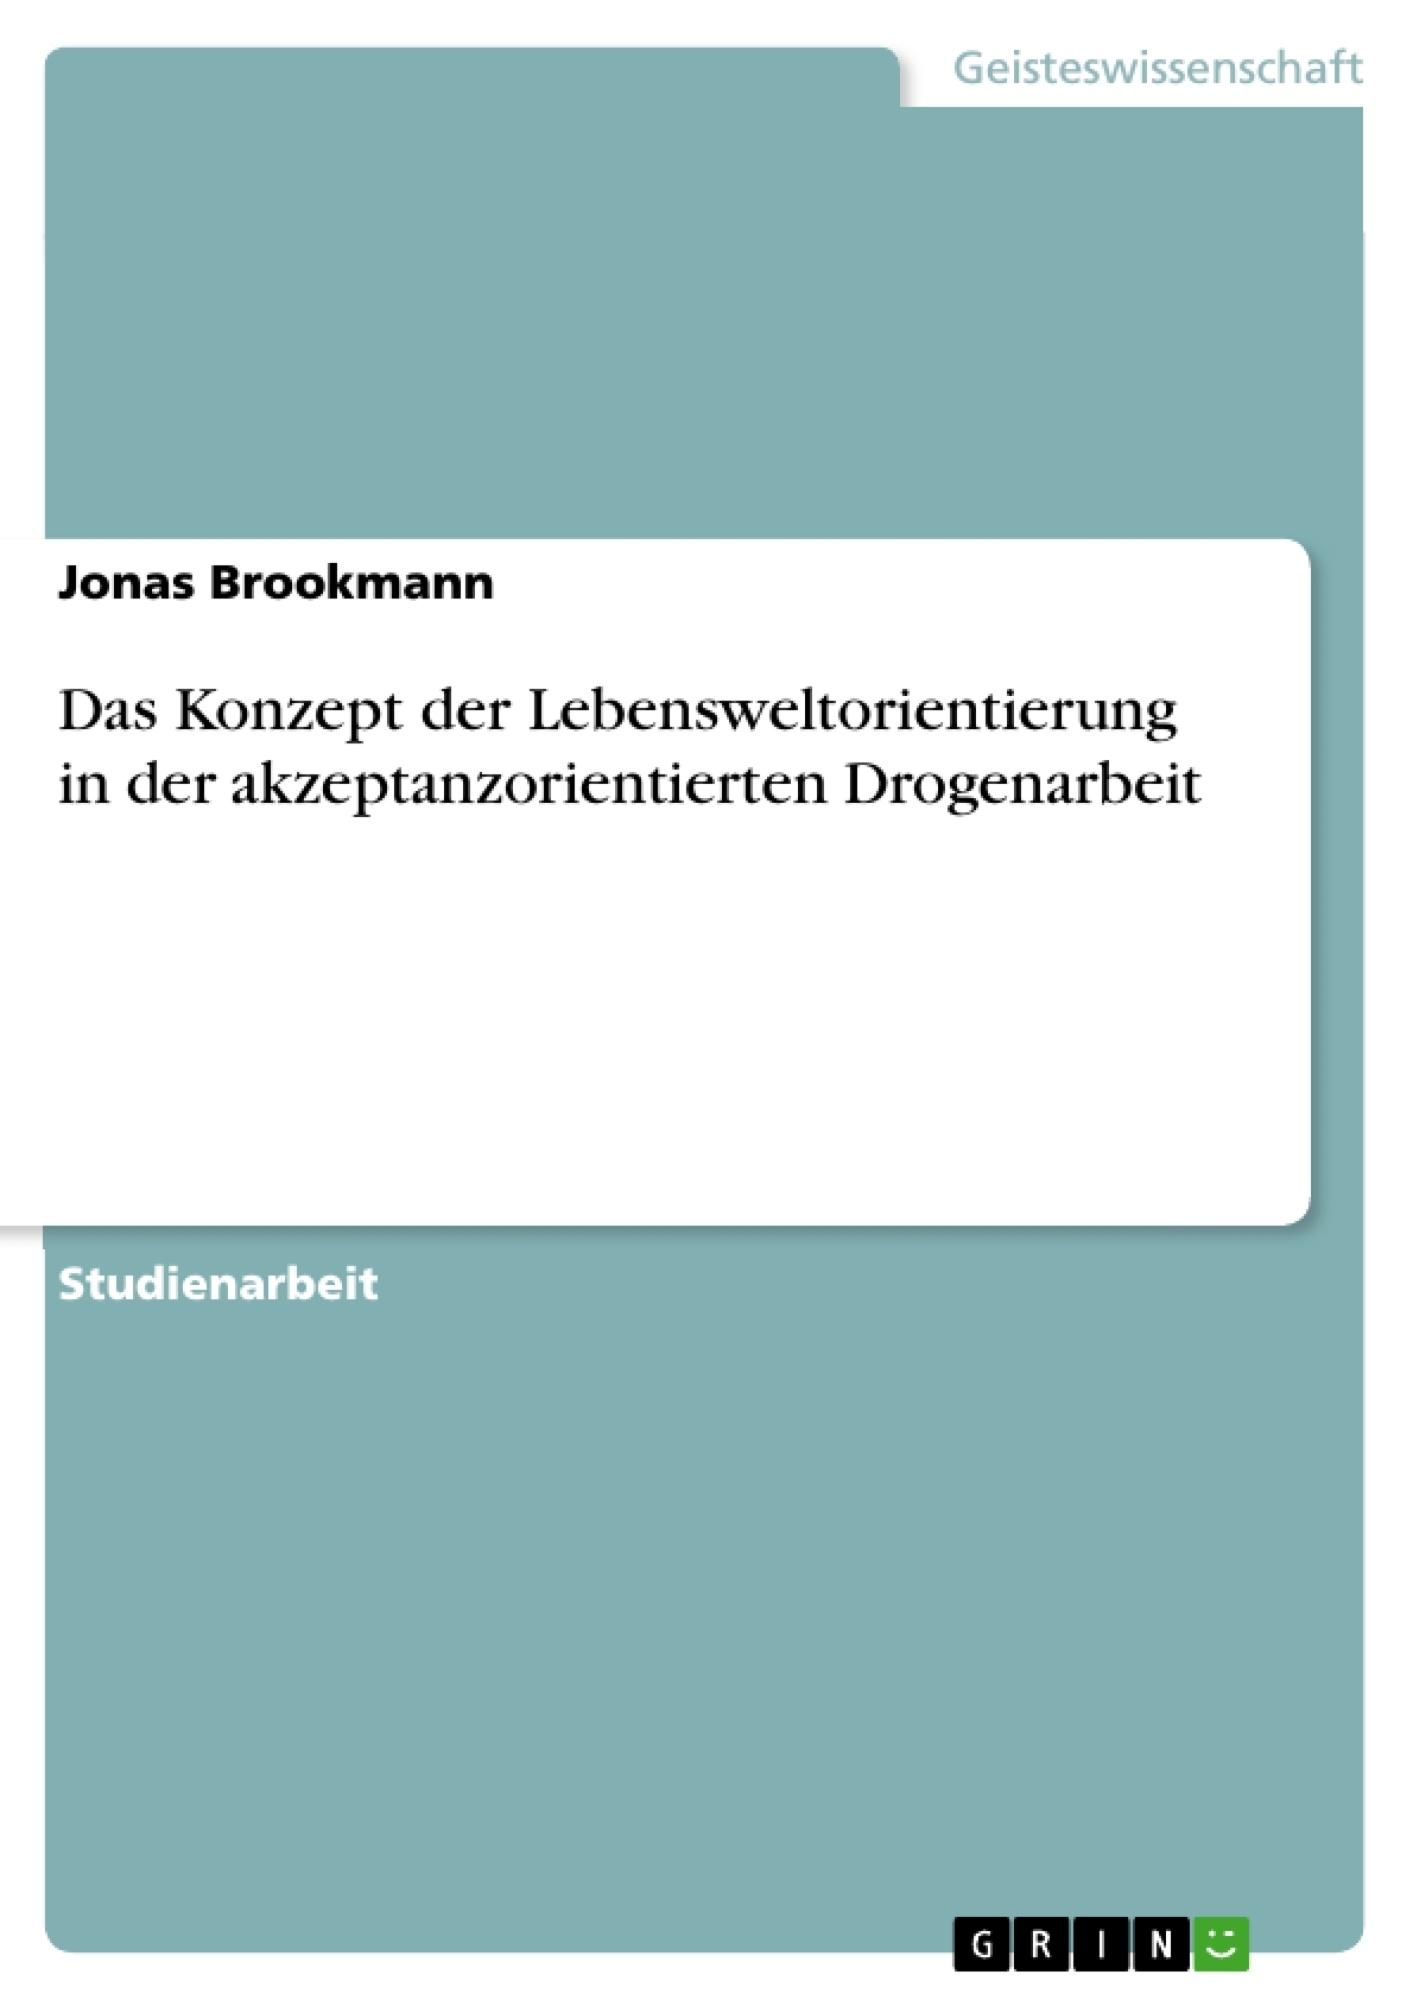 Titel: Das Konzept der Lebensweltorientierung in der akzeptanzorientierten Drogenarbeit